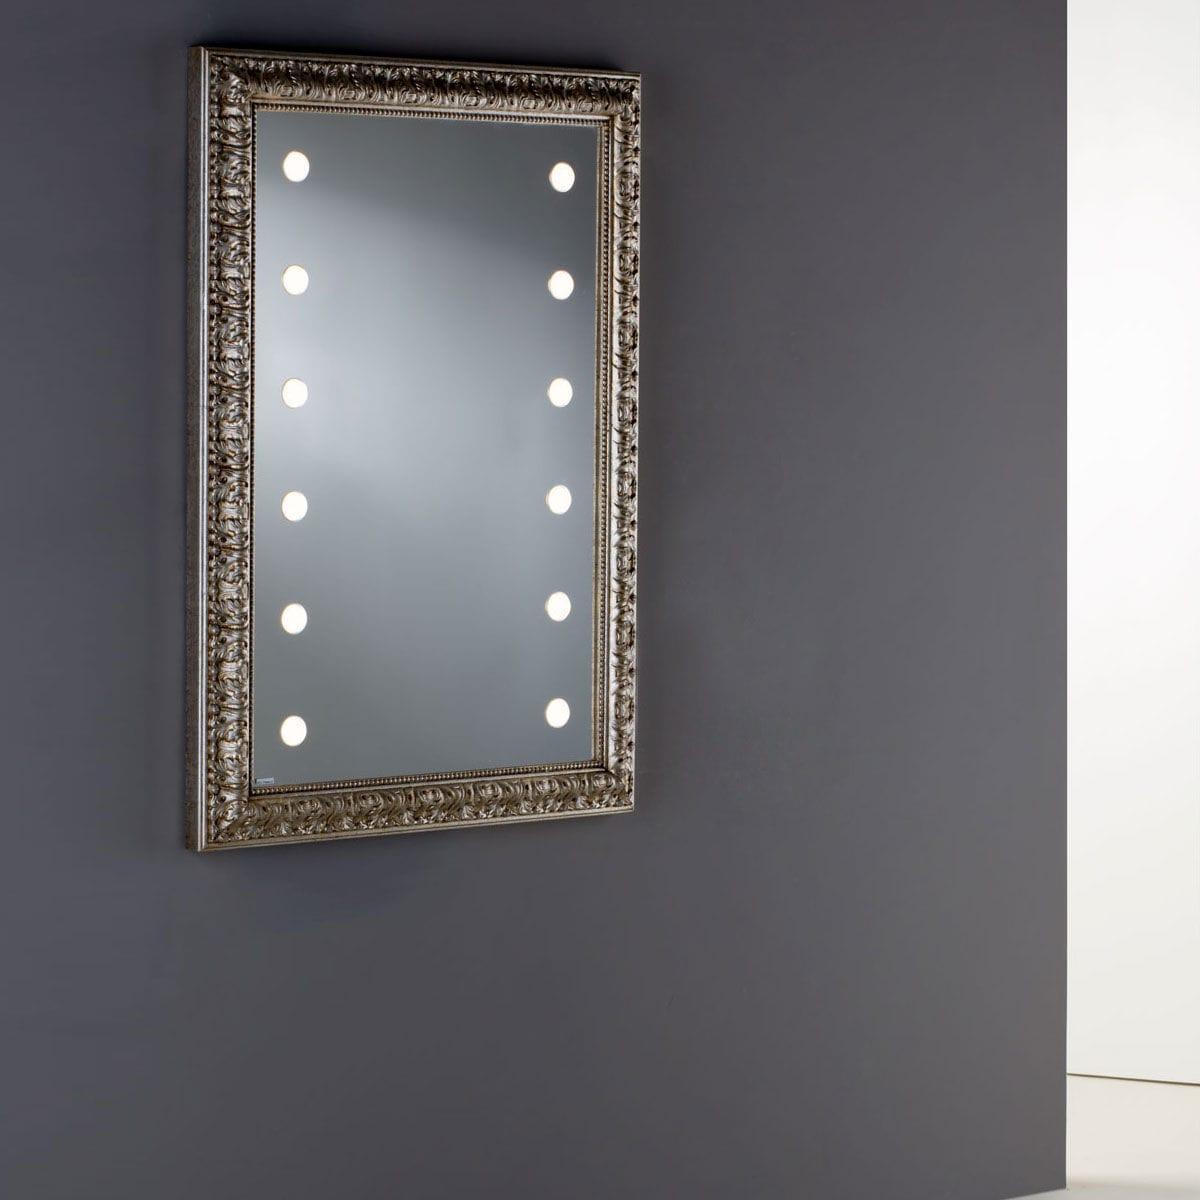 Wandmontierter Spiegel Für Badezimmer / LED Beleuchtet / Modern /  Rechteckig   MF 193